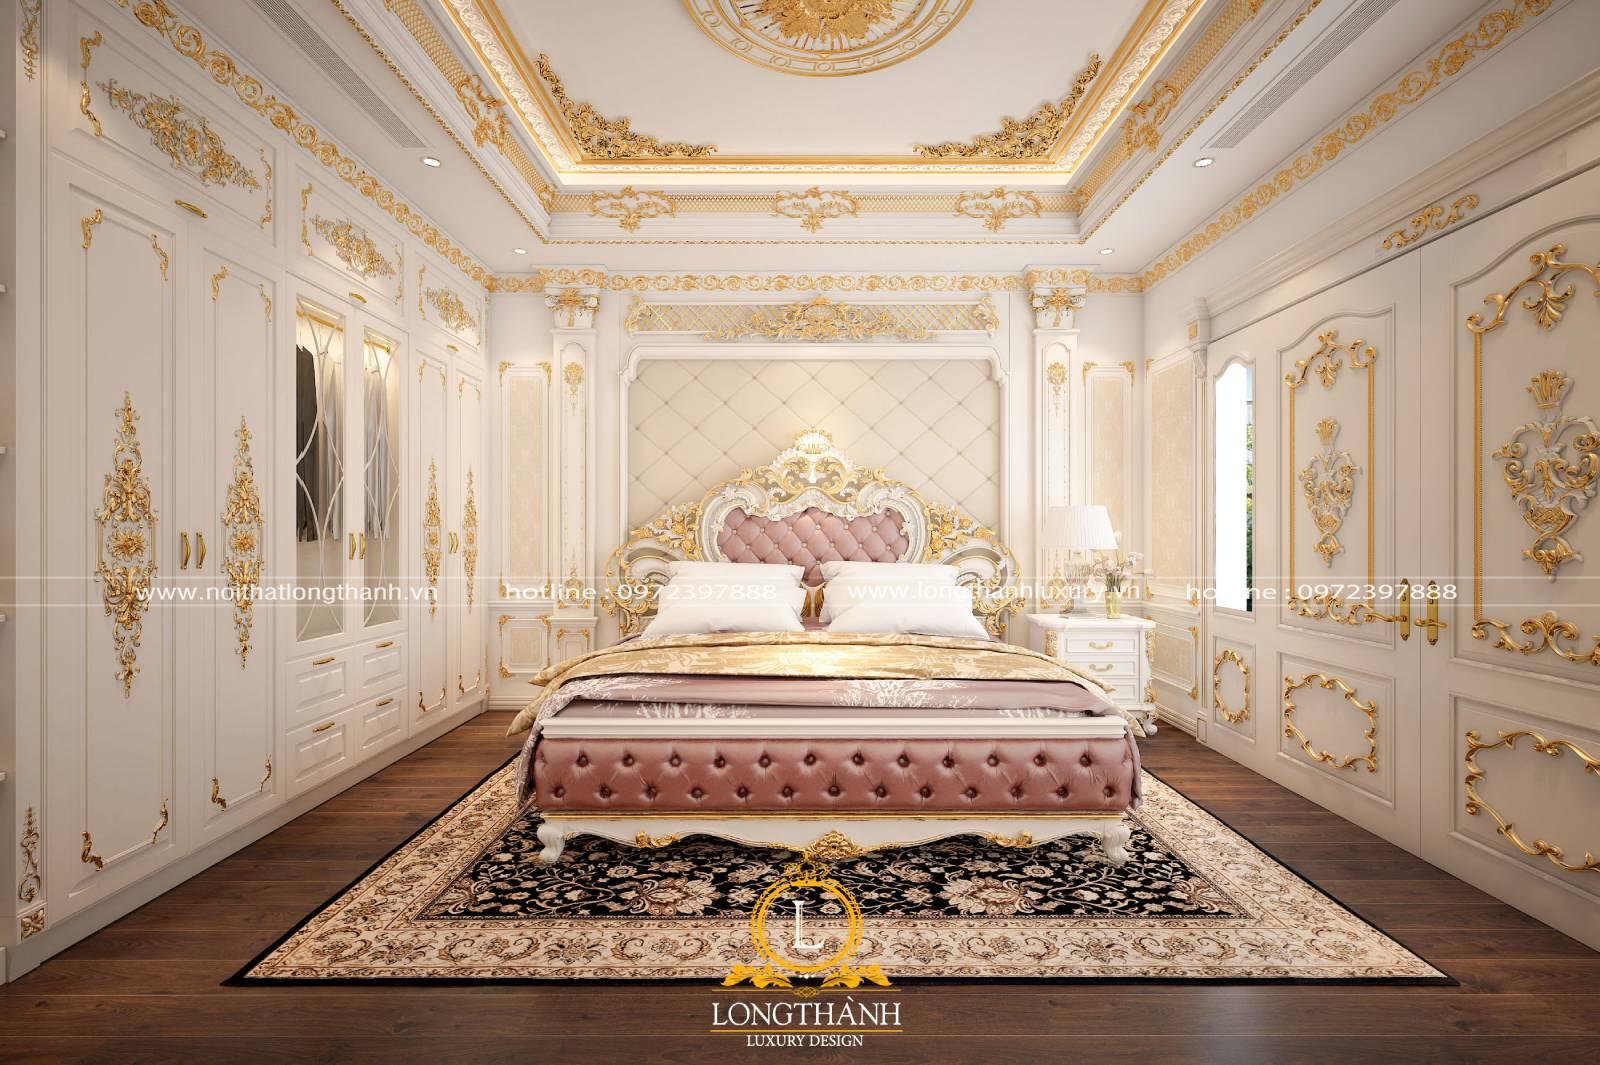 Thiết kế phòng ngủ sang trọng đẳng cấp với mẫu giường master tân cổ dát vàng